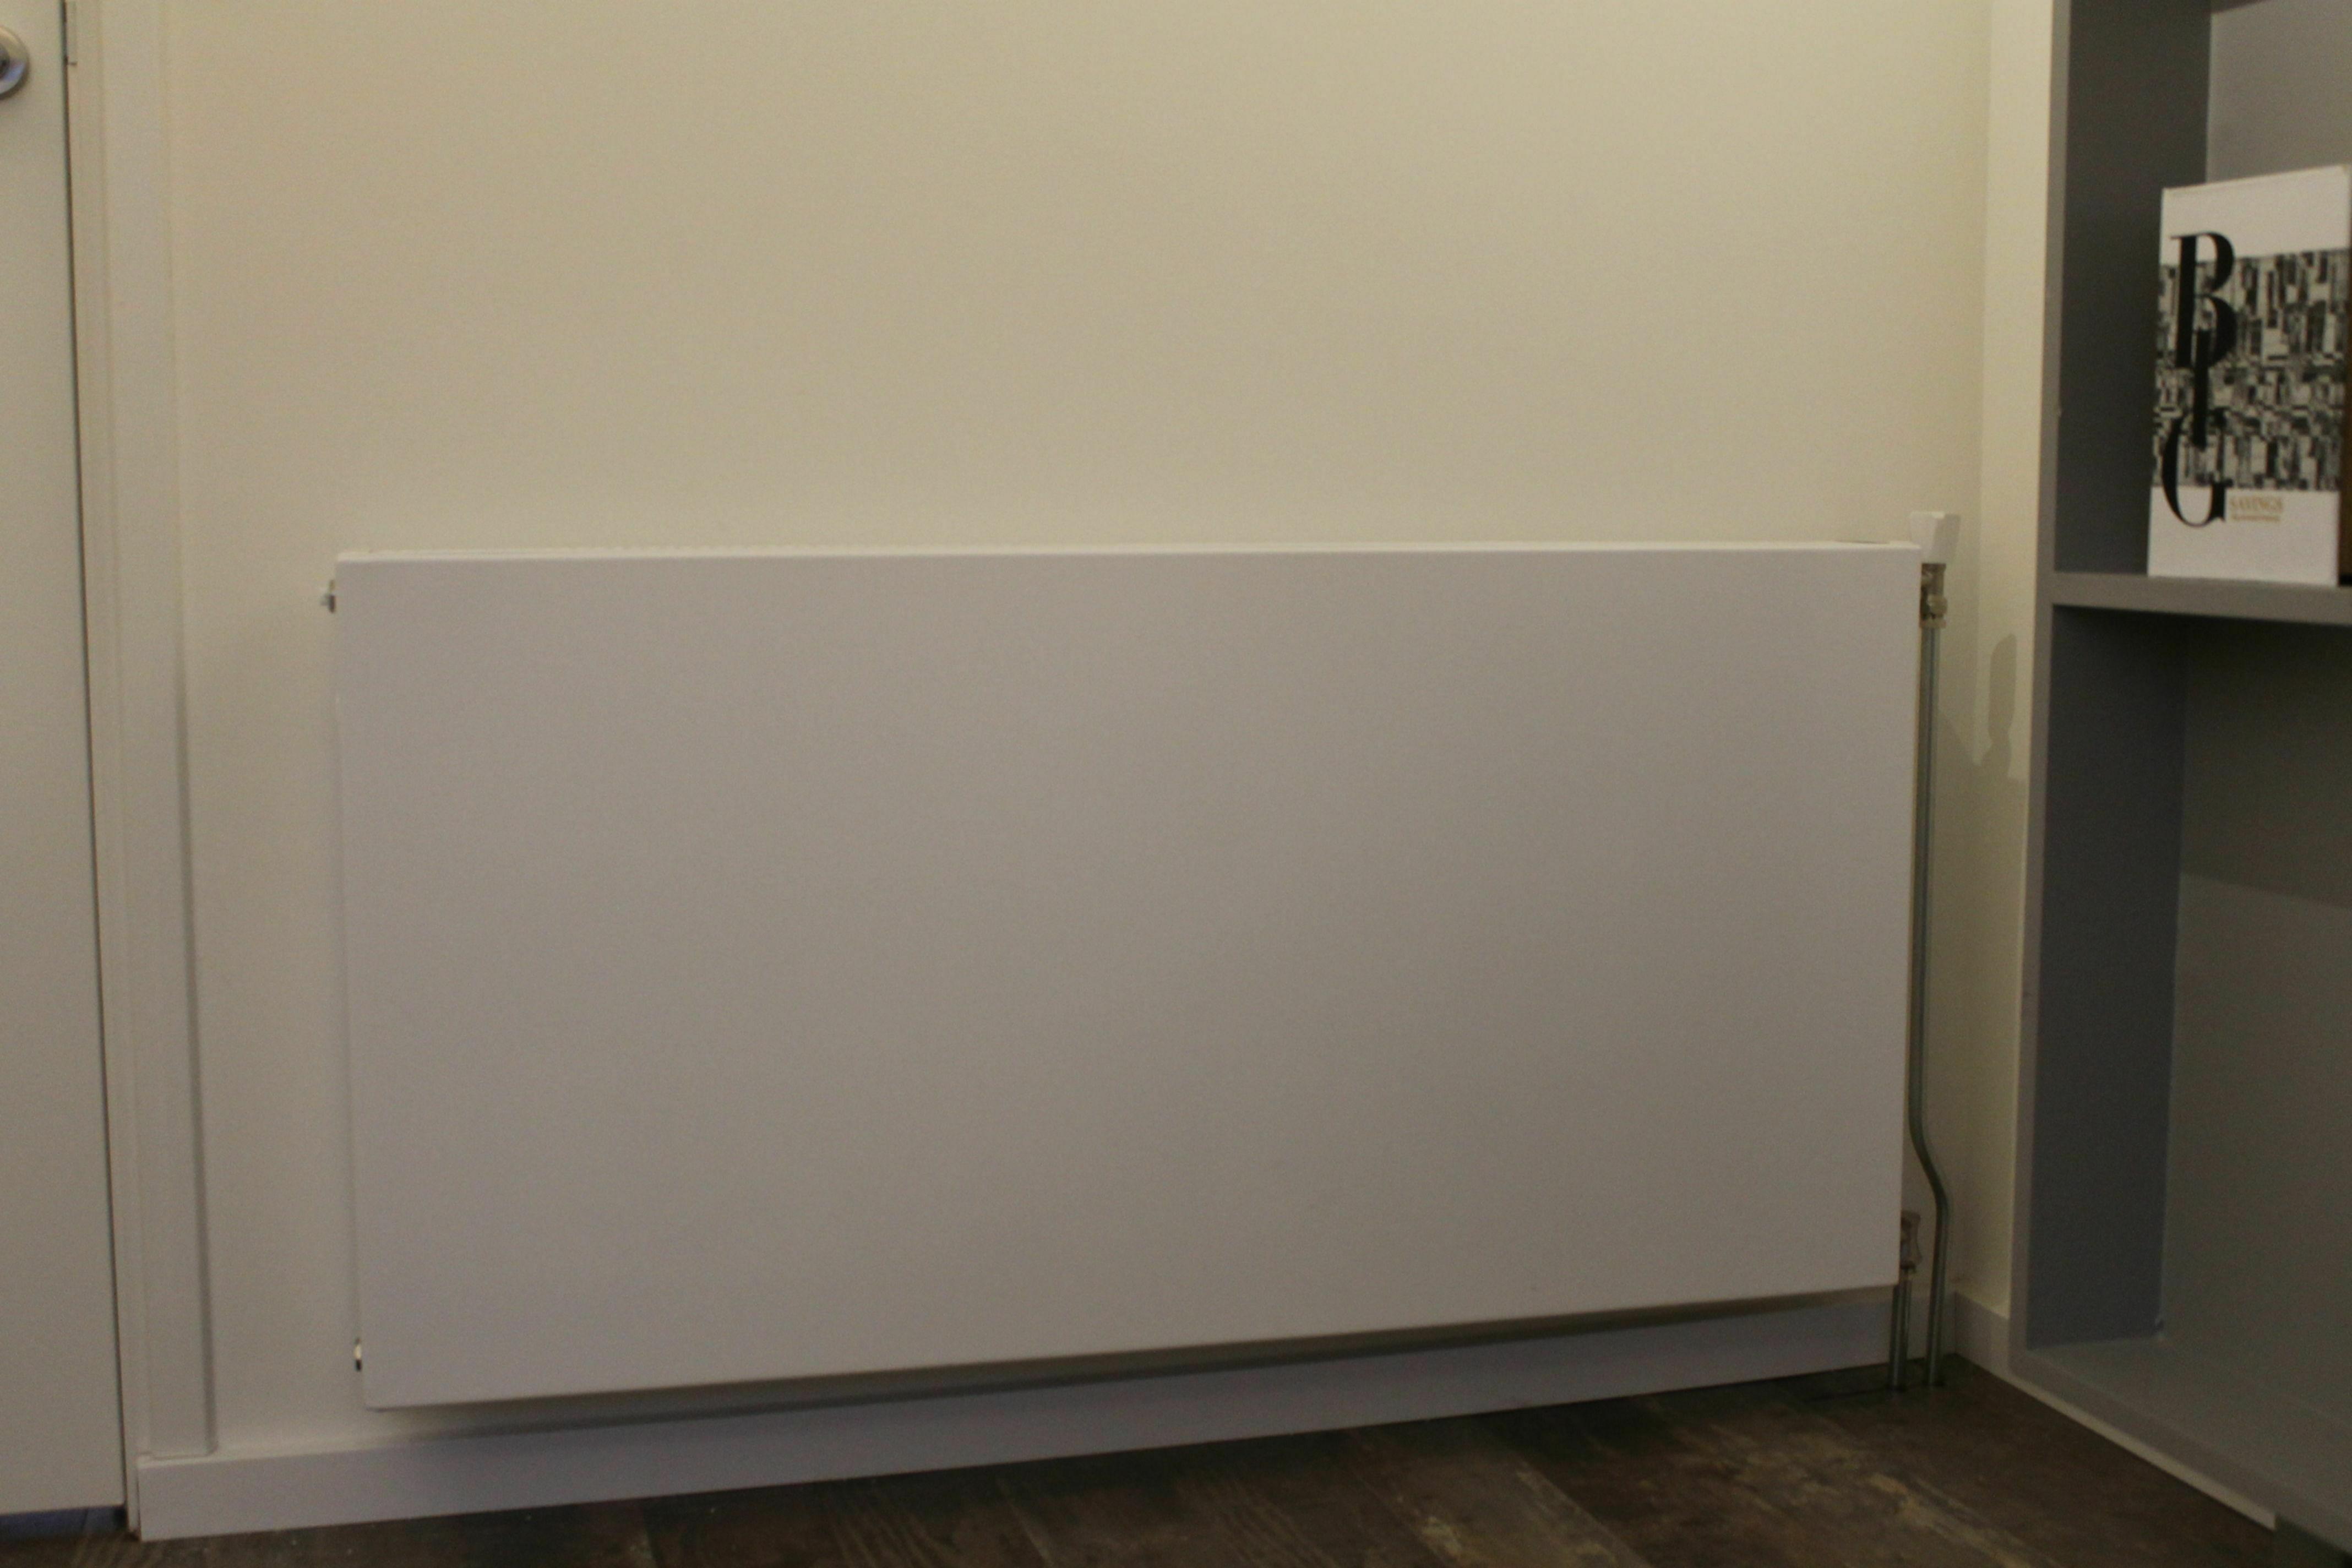 Droogtijd Siliconenkit Badkamer : Sanitairkit aanbrengen voordemakers.nl